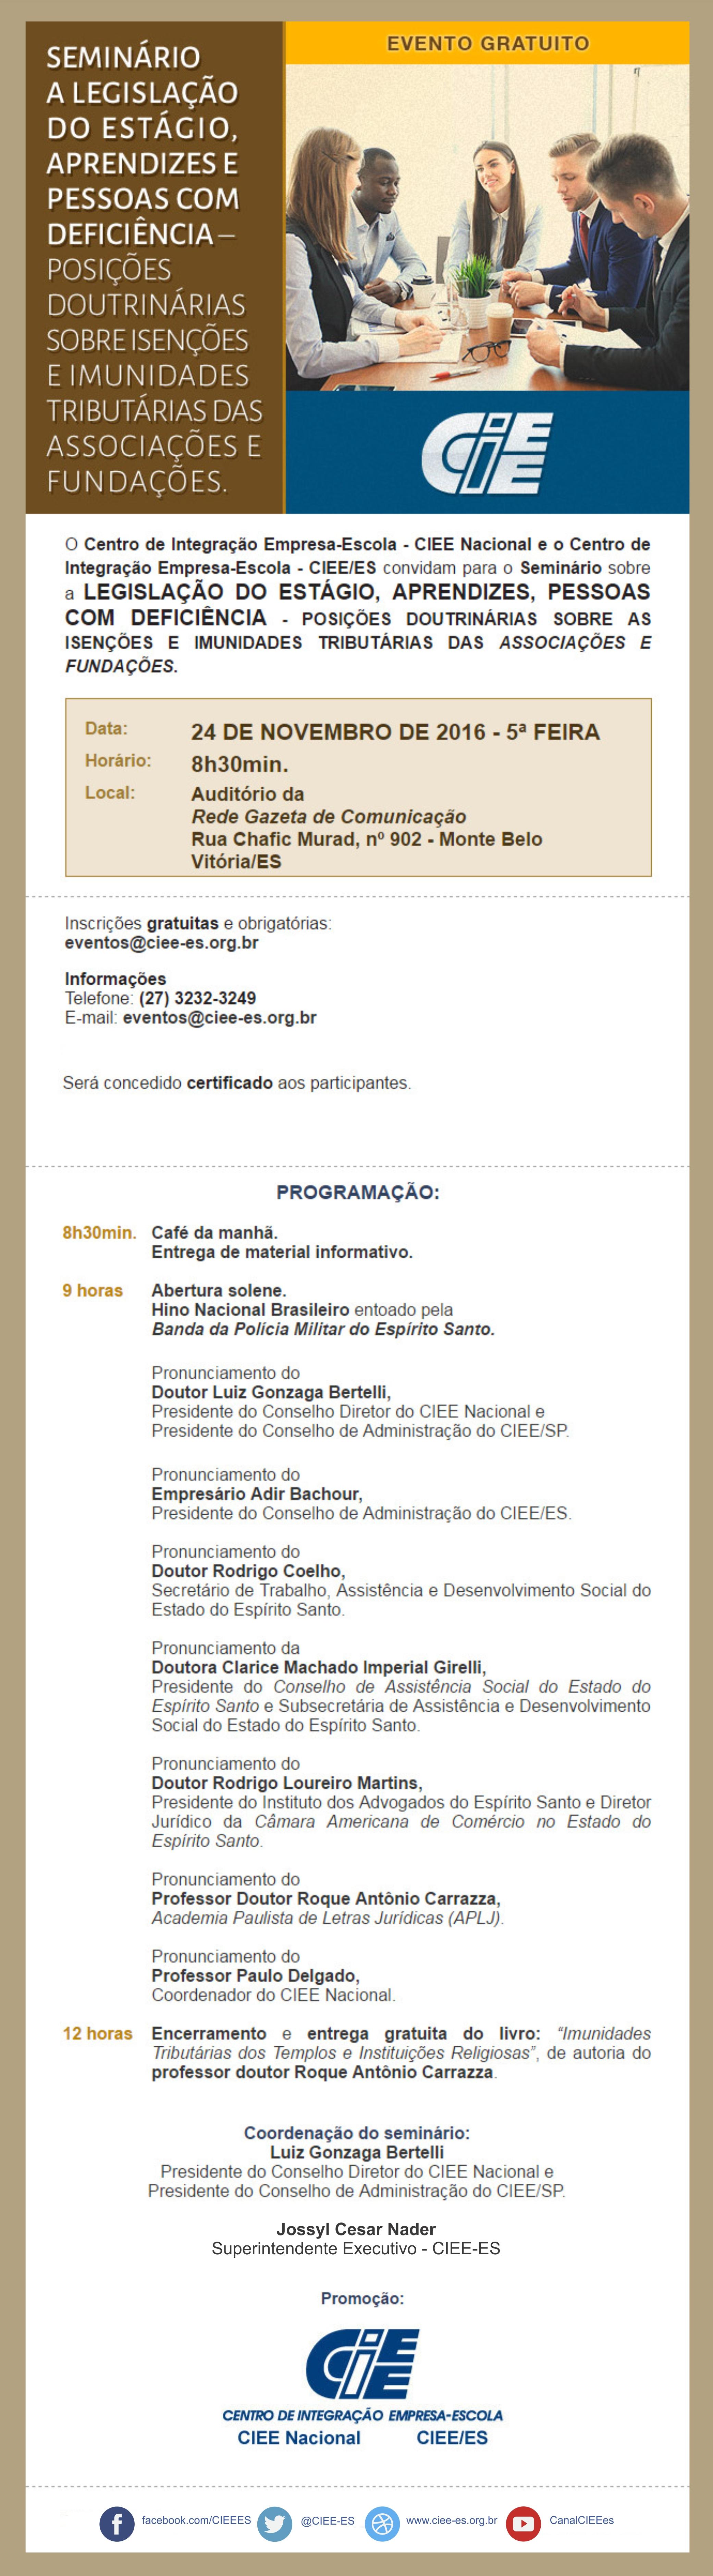 ciee_seminario-vitoria-es_11-2016_v7